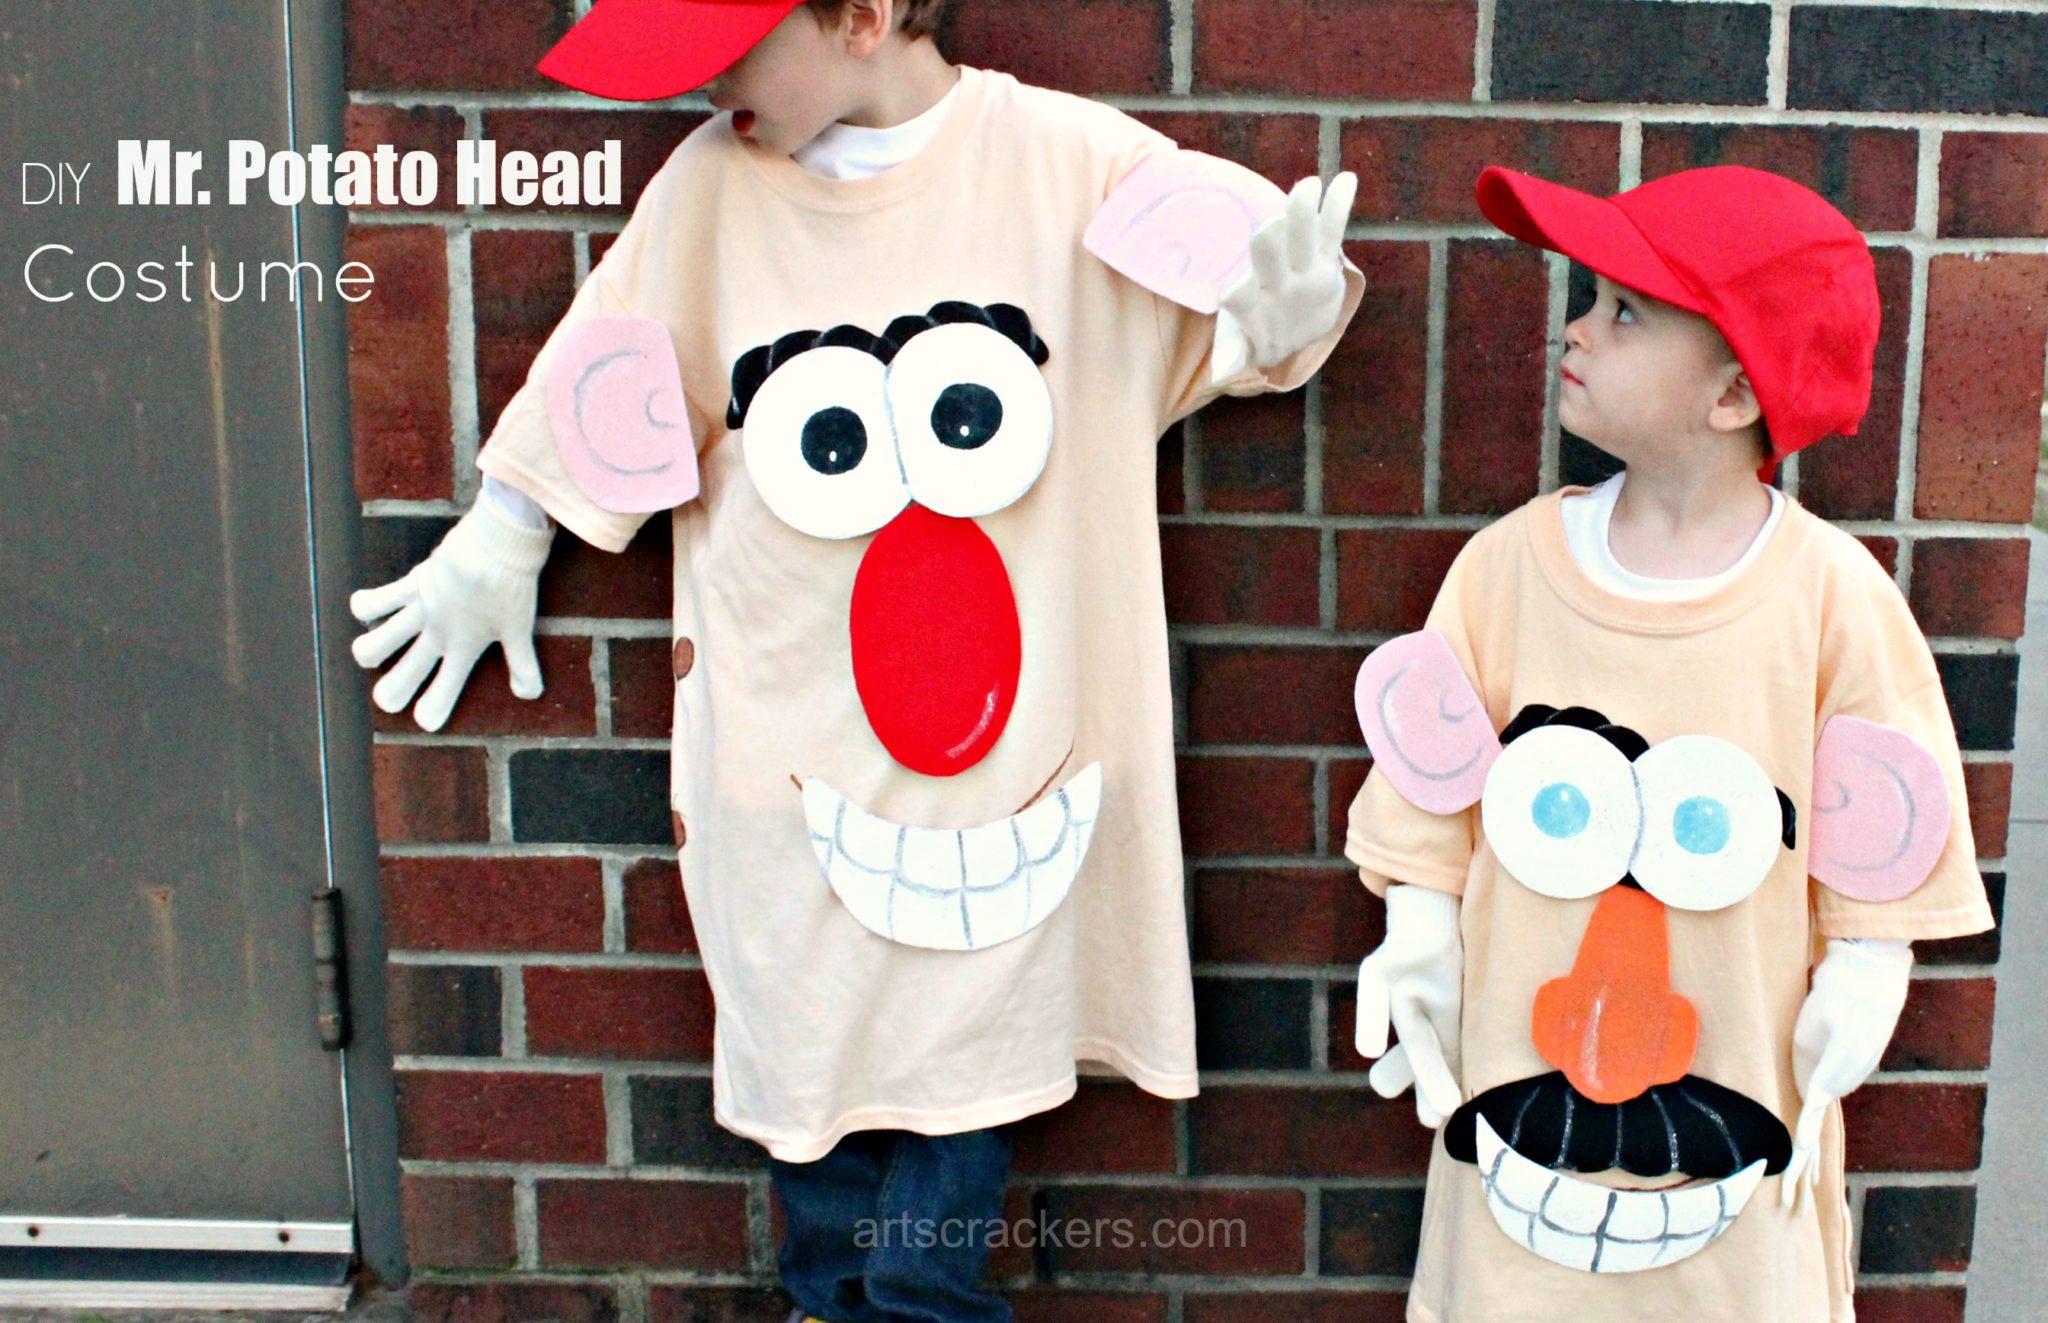 DIY No-Sew Mr. Potato Head Costume for